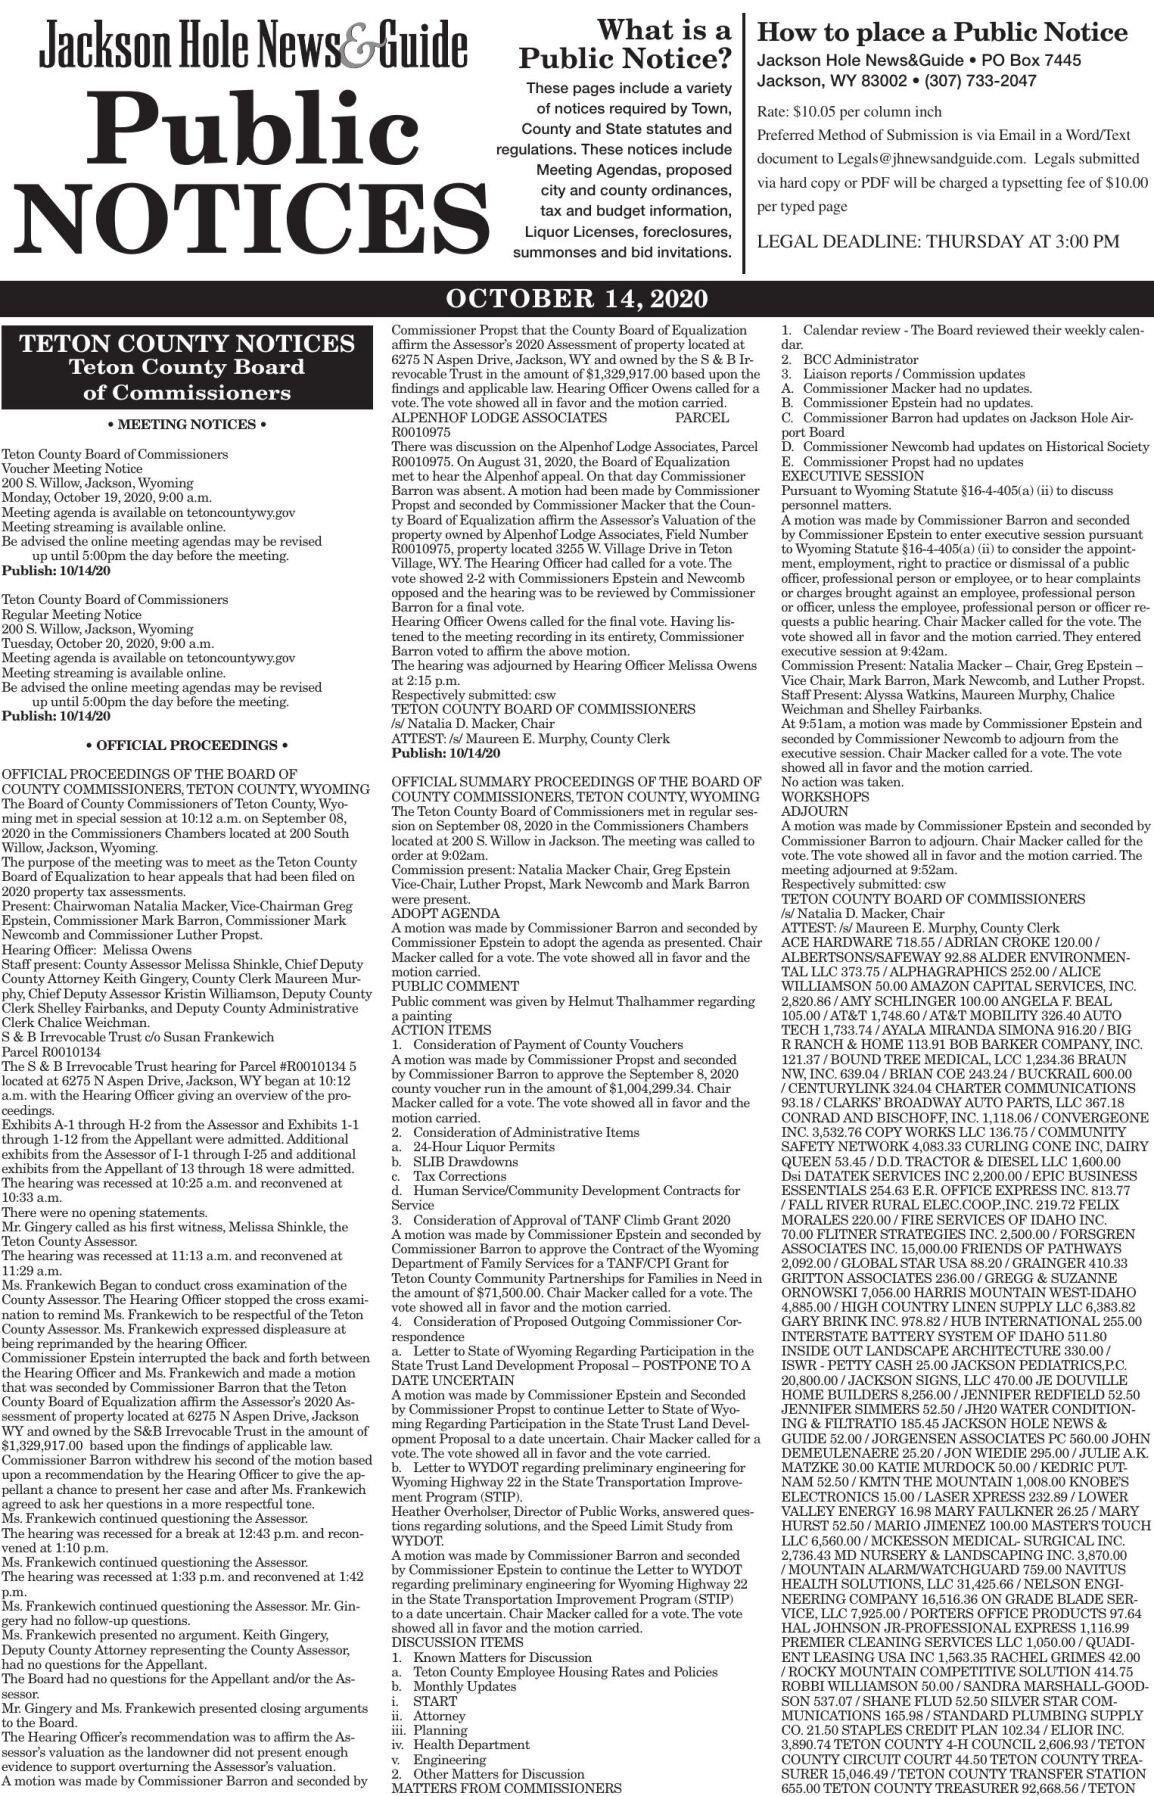 Public Notices, Oct.14, 2020